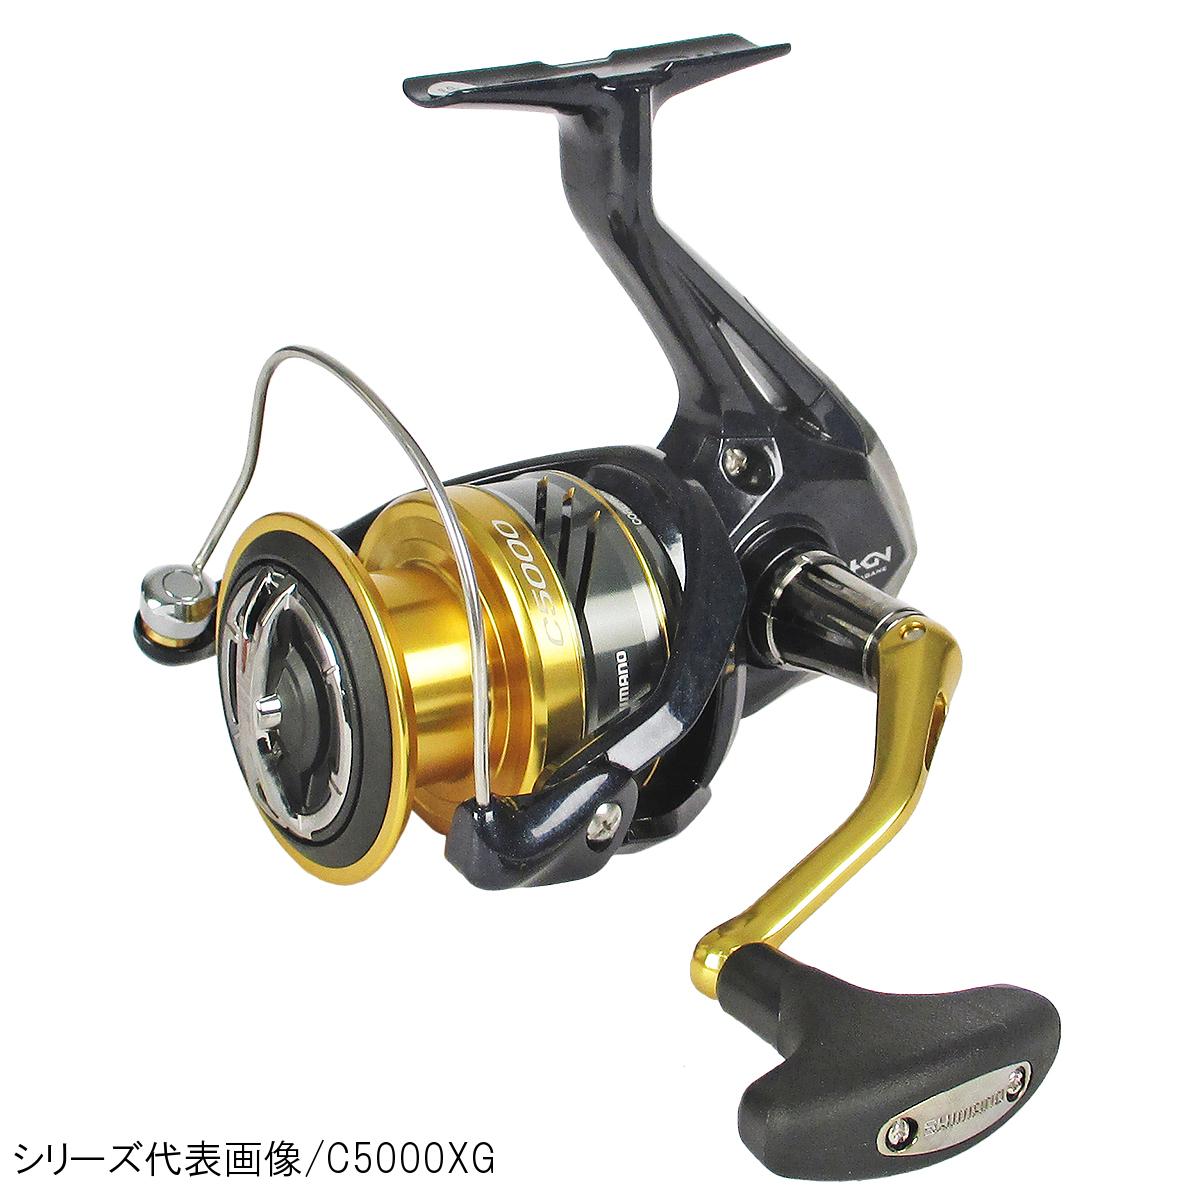 シマノ ナスキー 4000XG